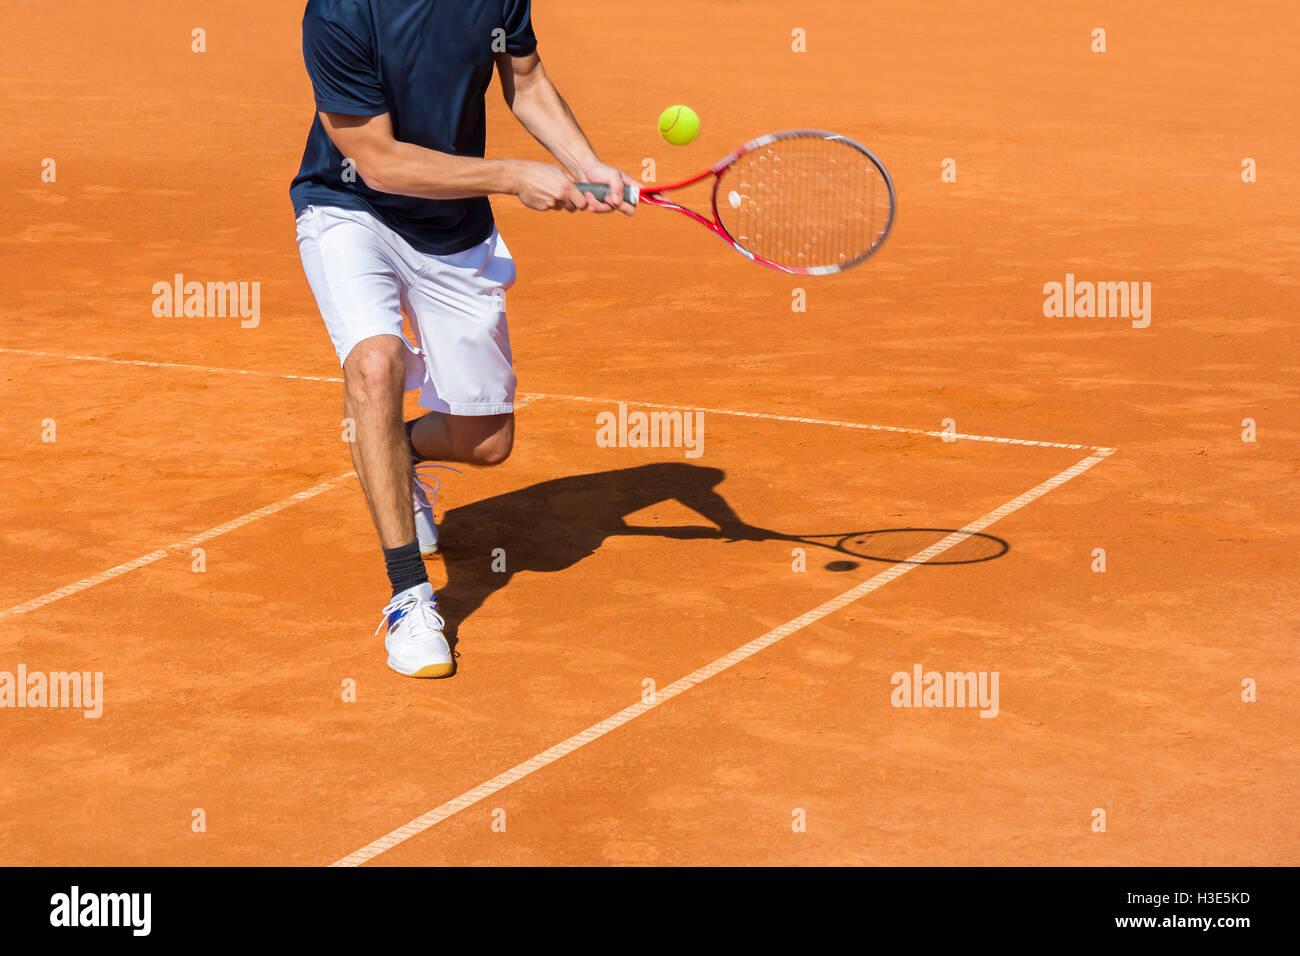 Jugador de tenis masculino en acción en la cancha de arcilla en un día soleado Imagen De Stock